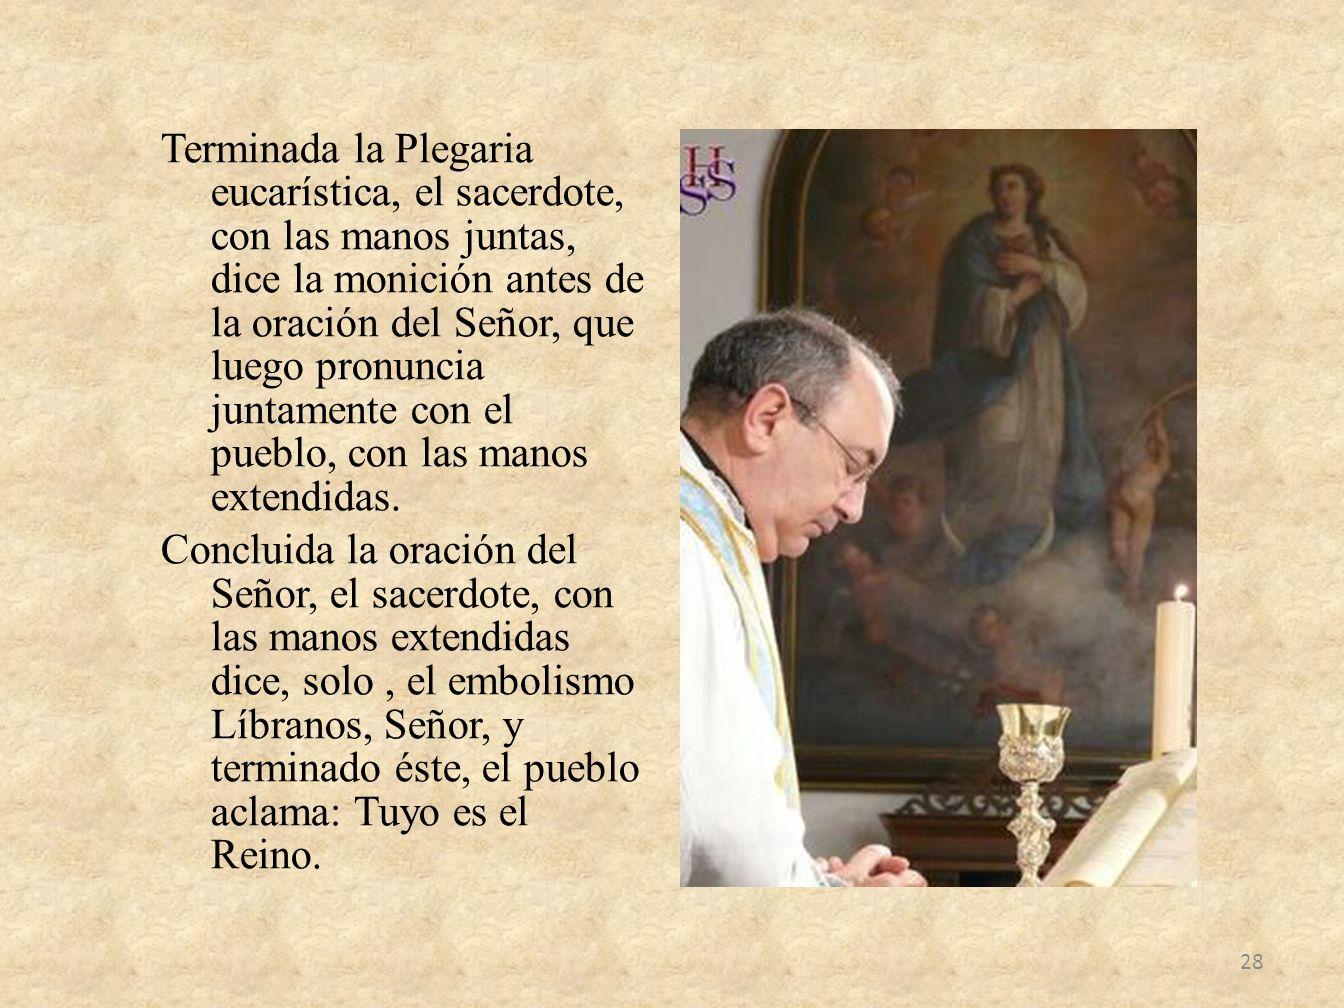 Terminada la Plegaria eucarística, el sacerdote, con las manos juntas, dice la monición antes de la oración del Señor, que luego pronuncia juntamente con el pueblo, con las manos extendidas.